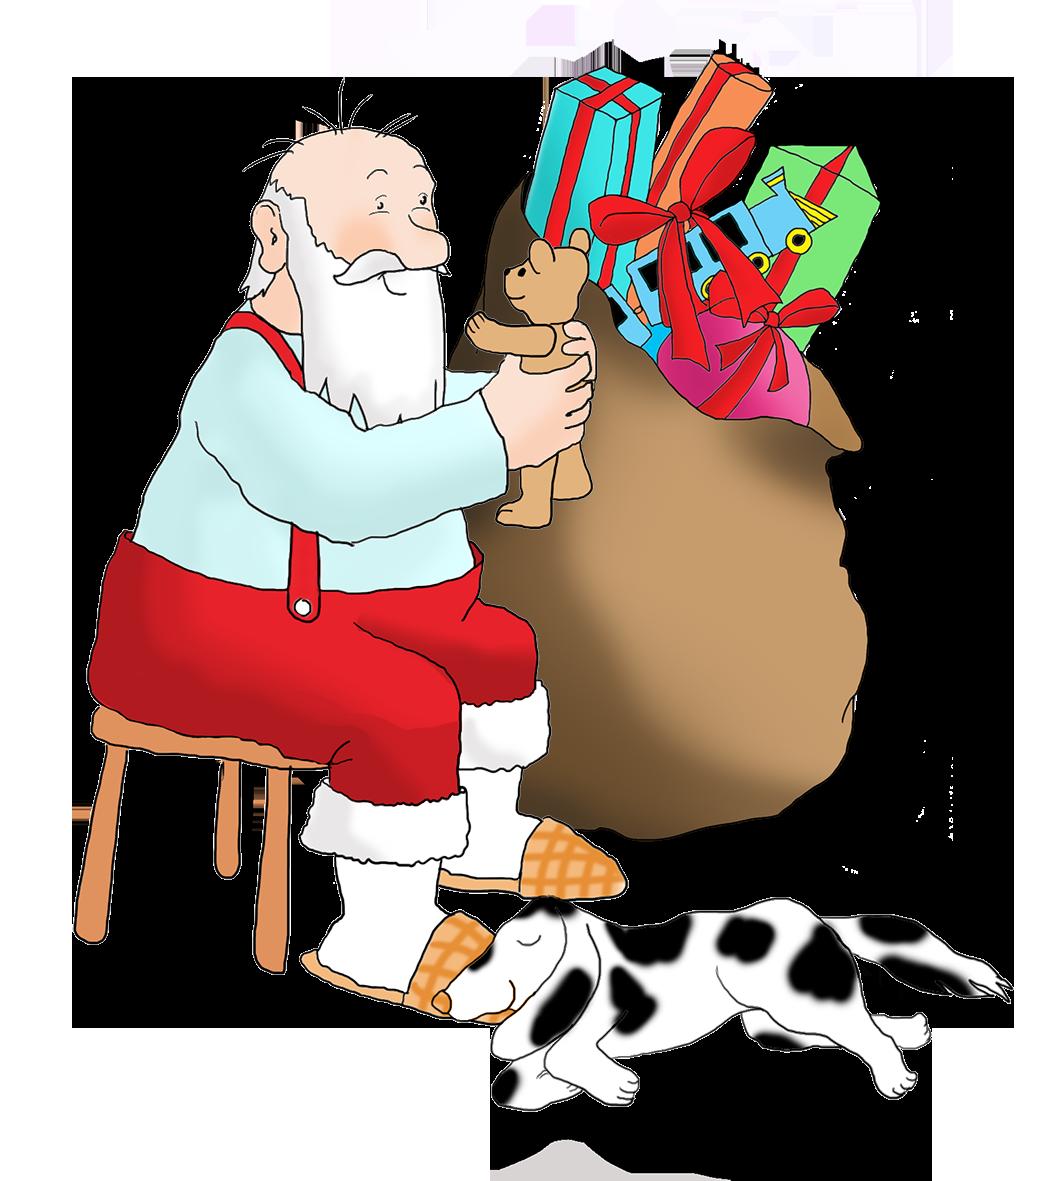 Santa with dog and Teddy bear